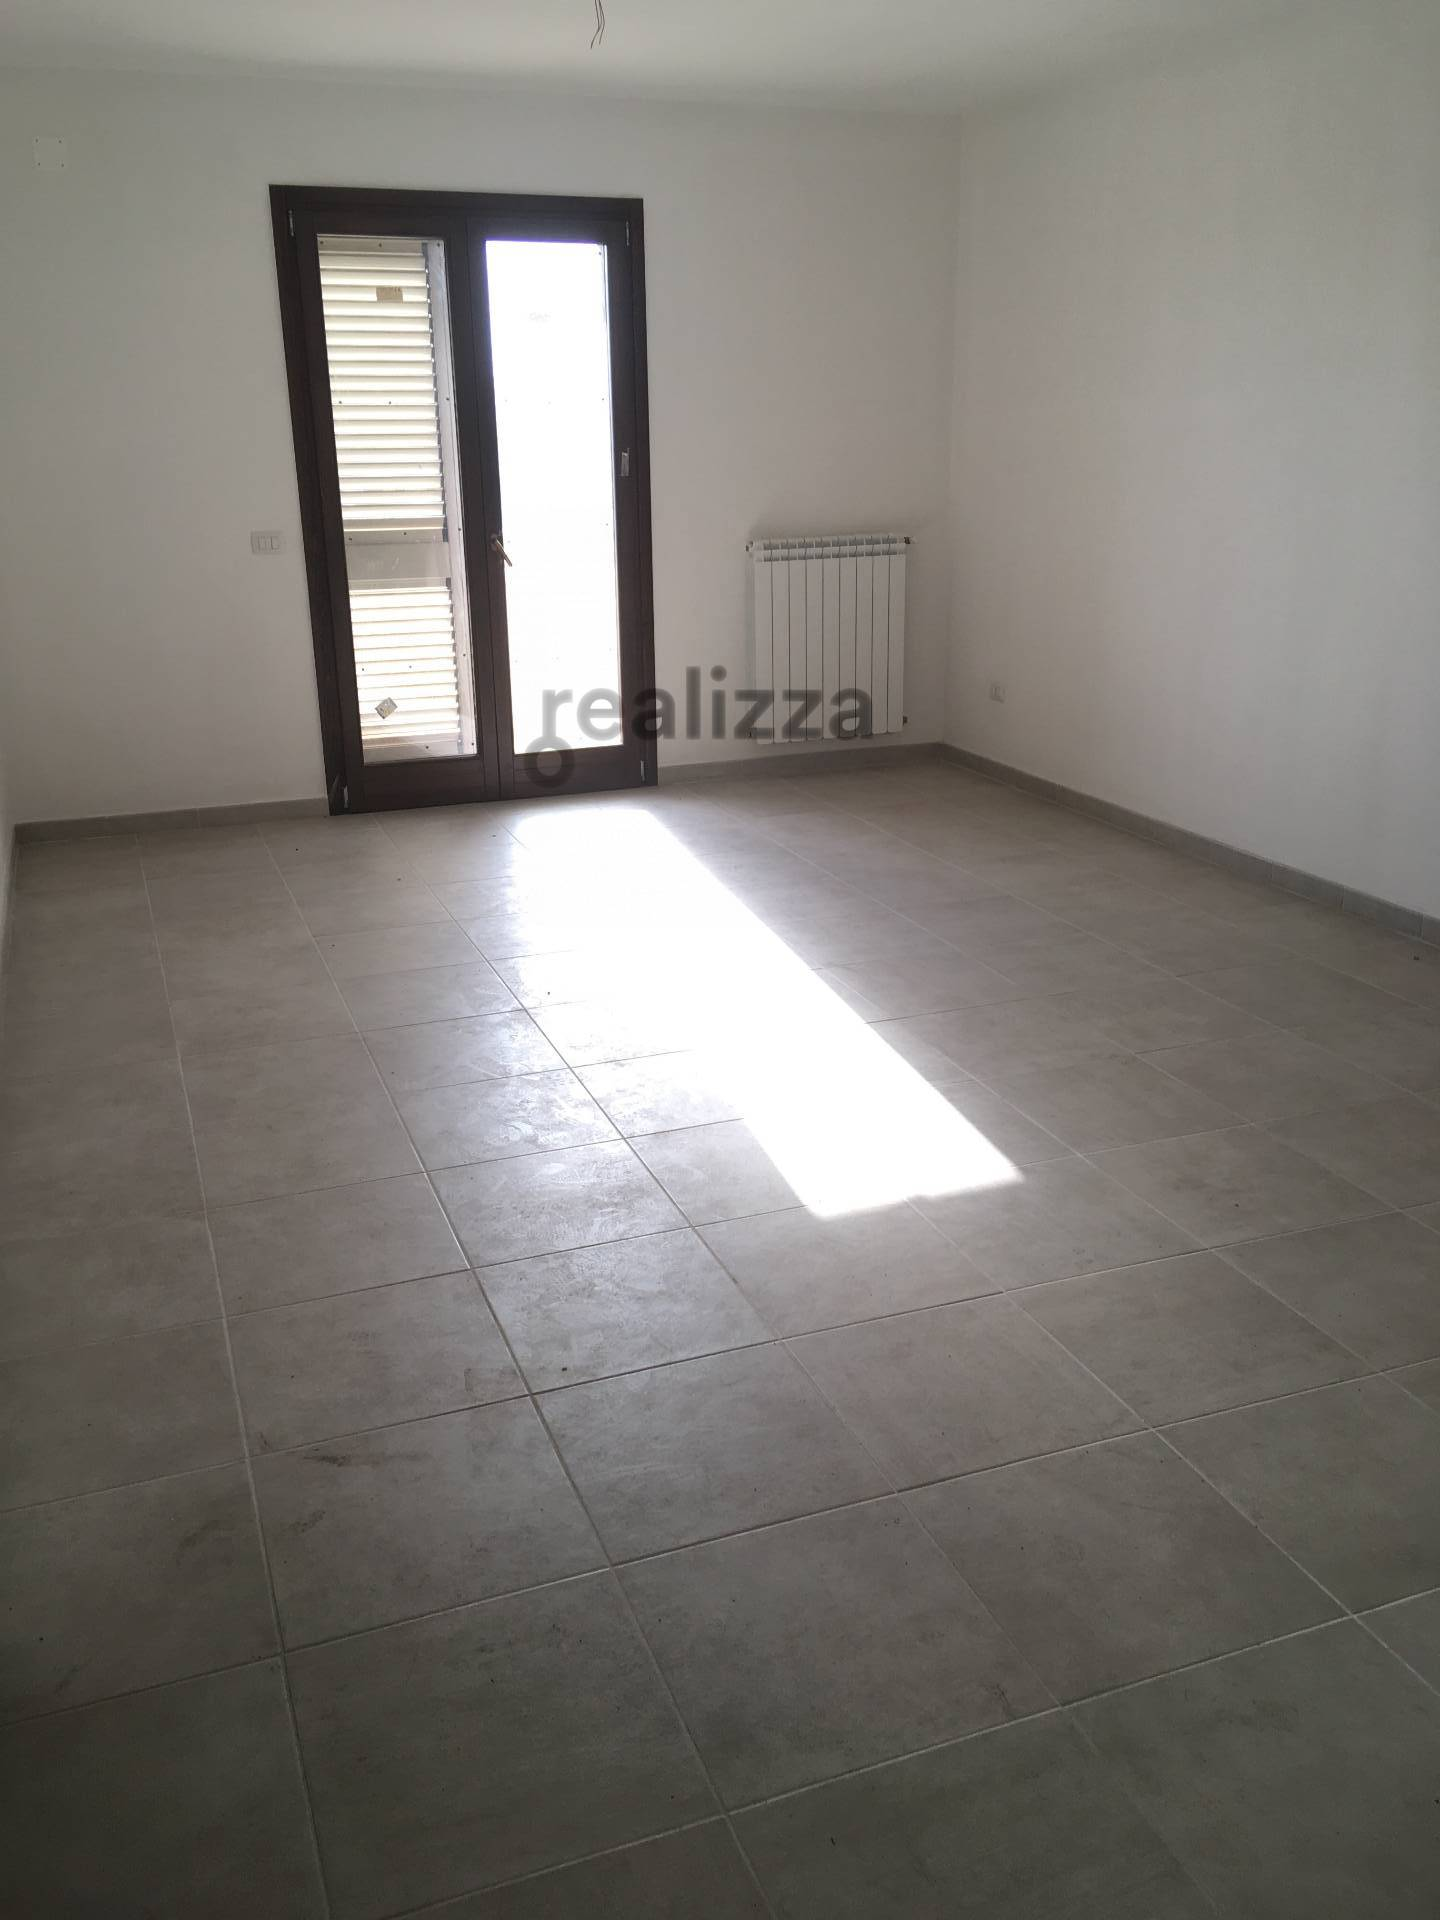 Appartamento, 107 Mq, Vendita - Lequile (LE)